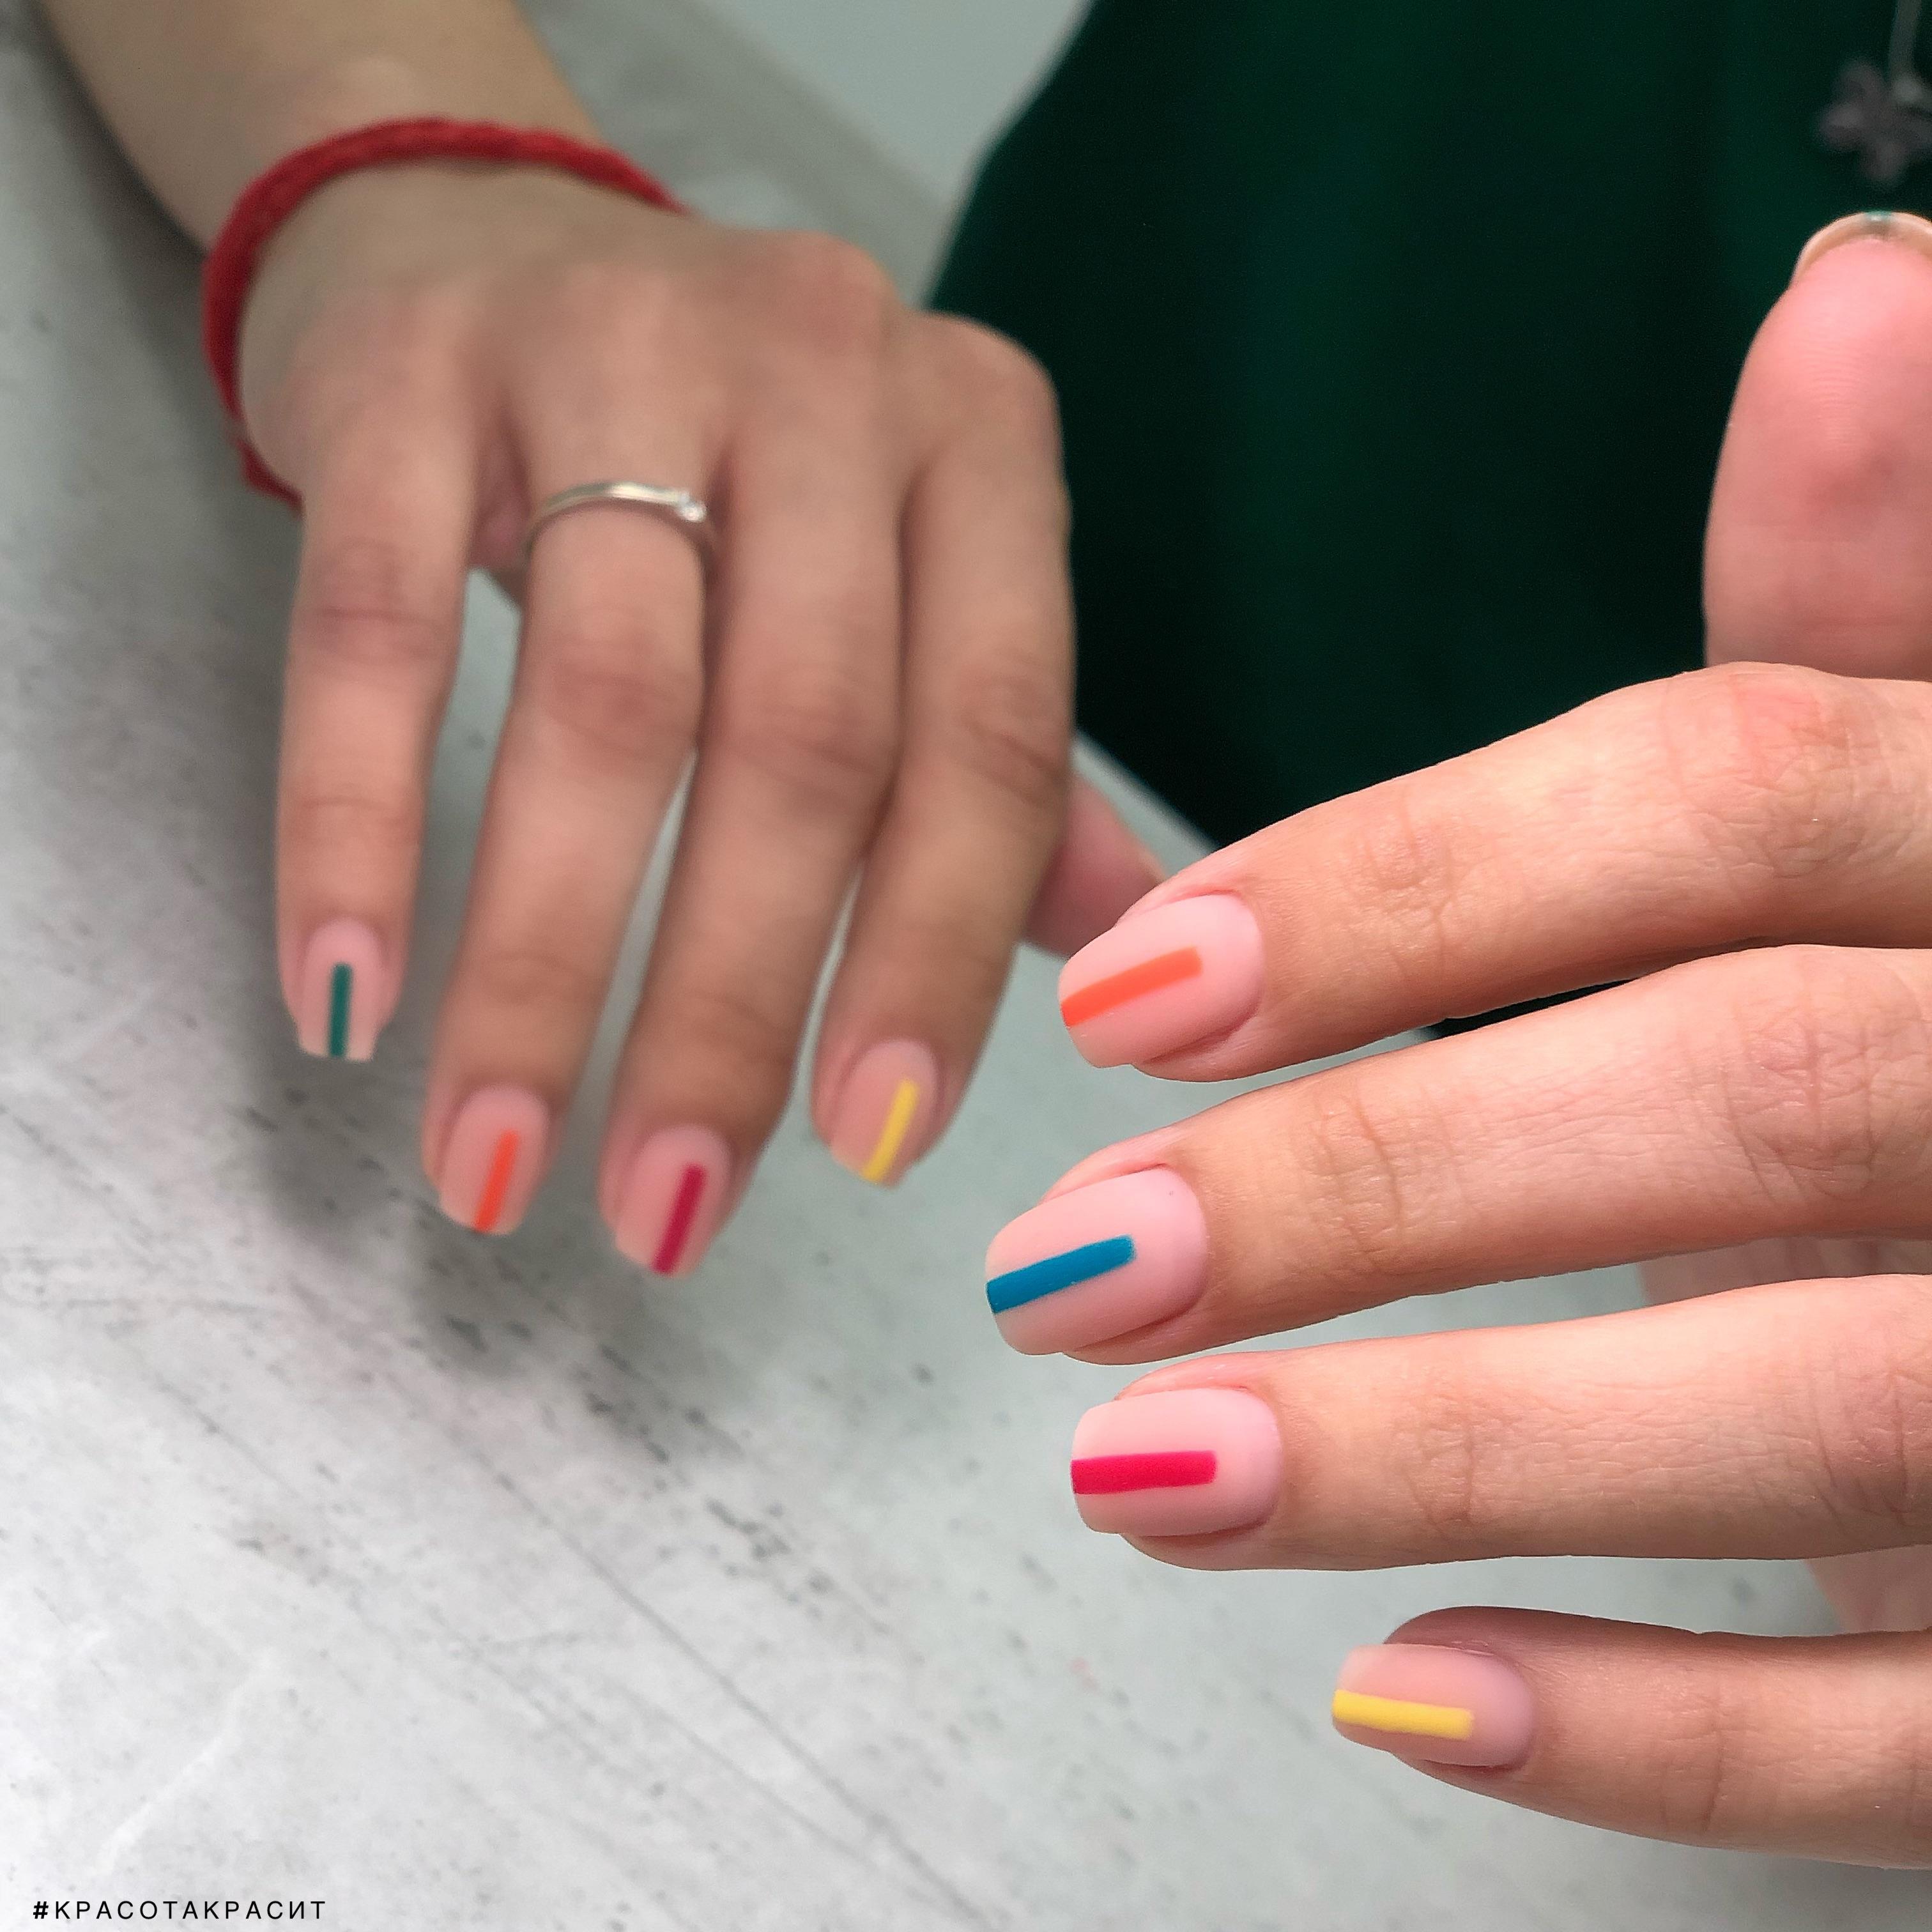 Матовый нюдовый маникюр с цветными полосками на короткие ногти.